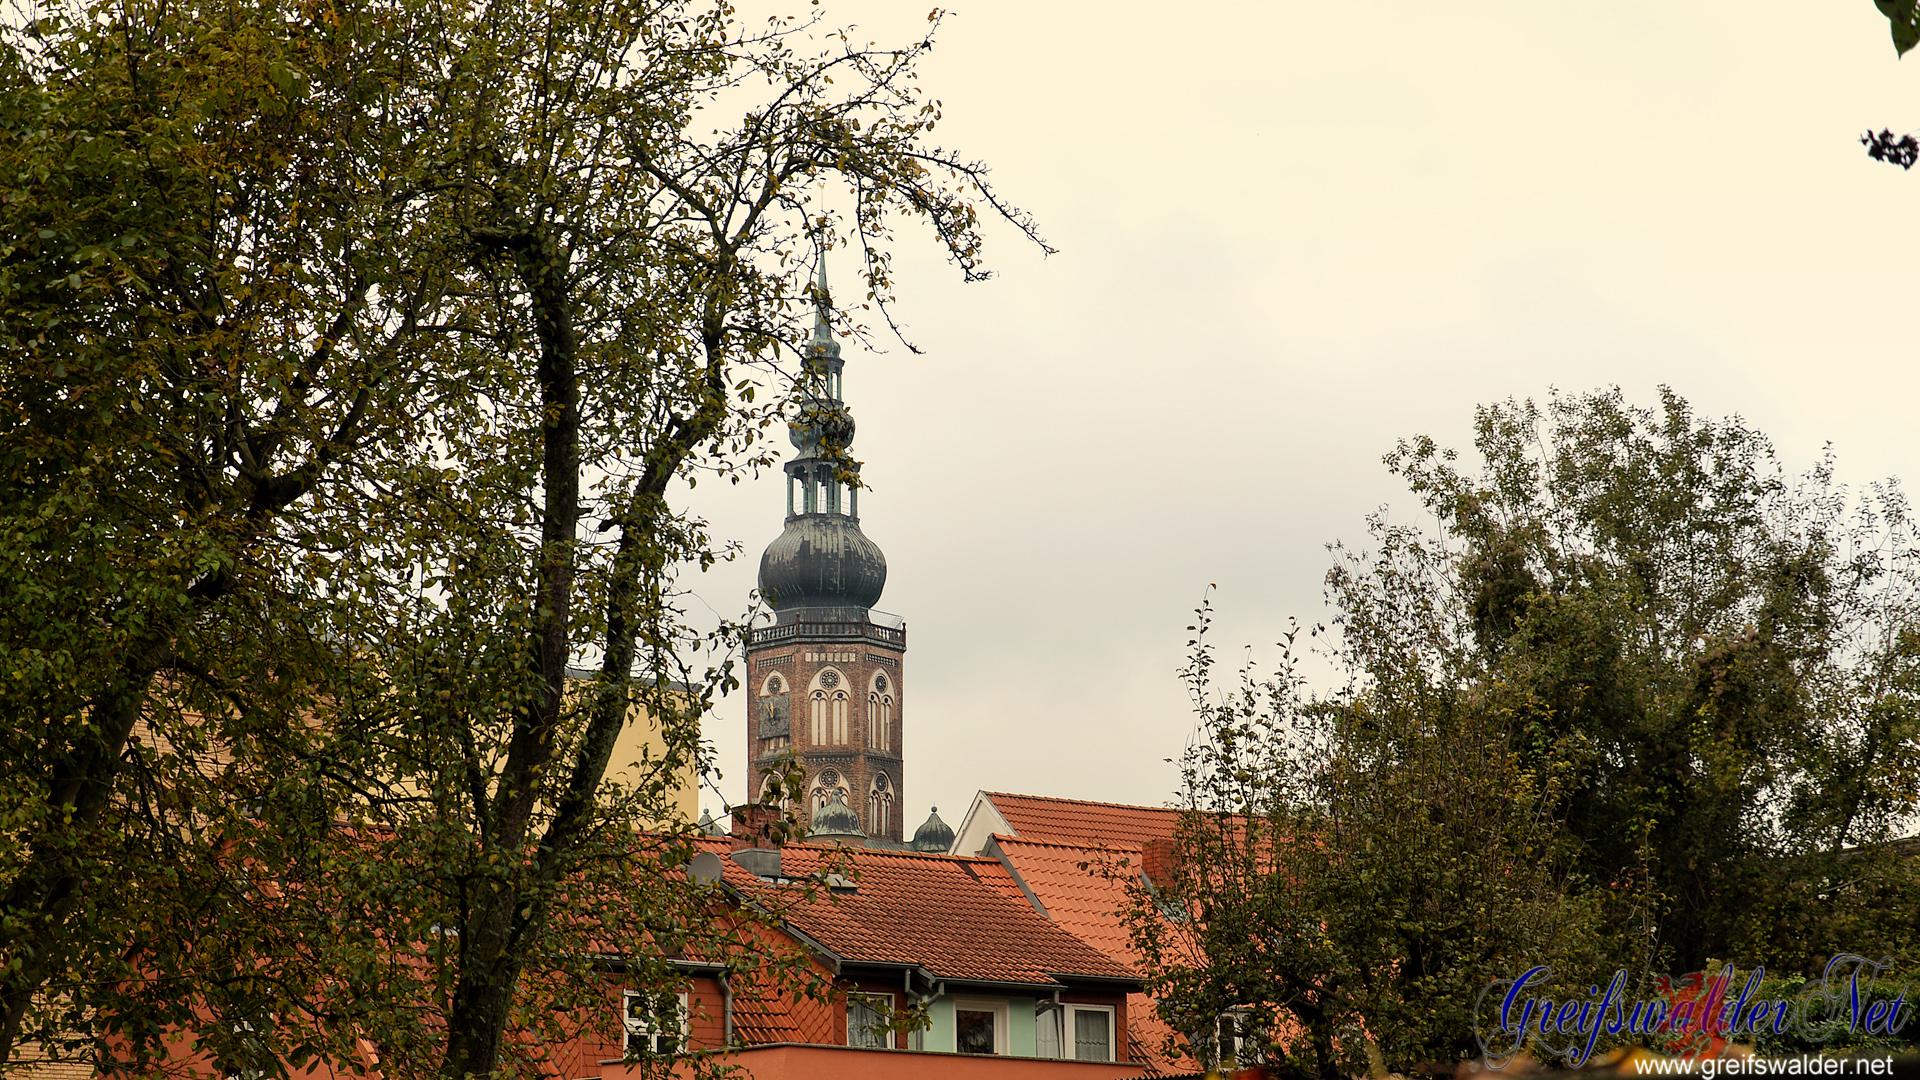 Blick auf den Dom St. Nikolai in Greifswald